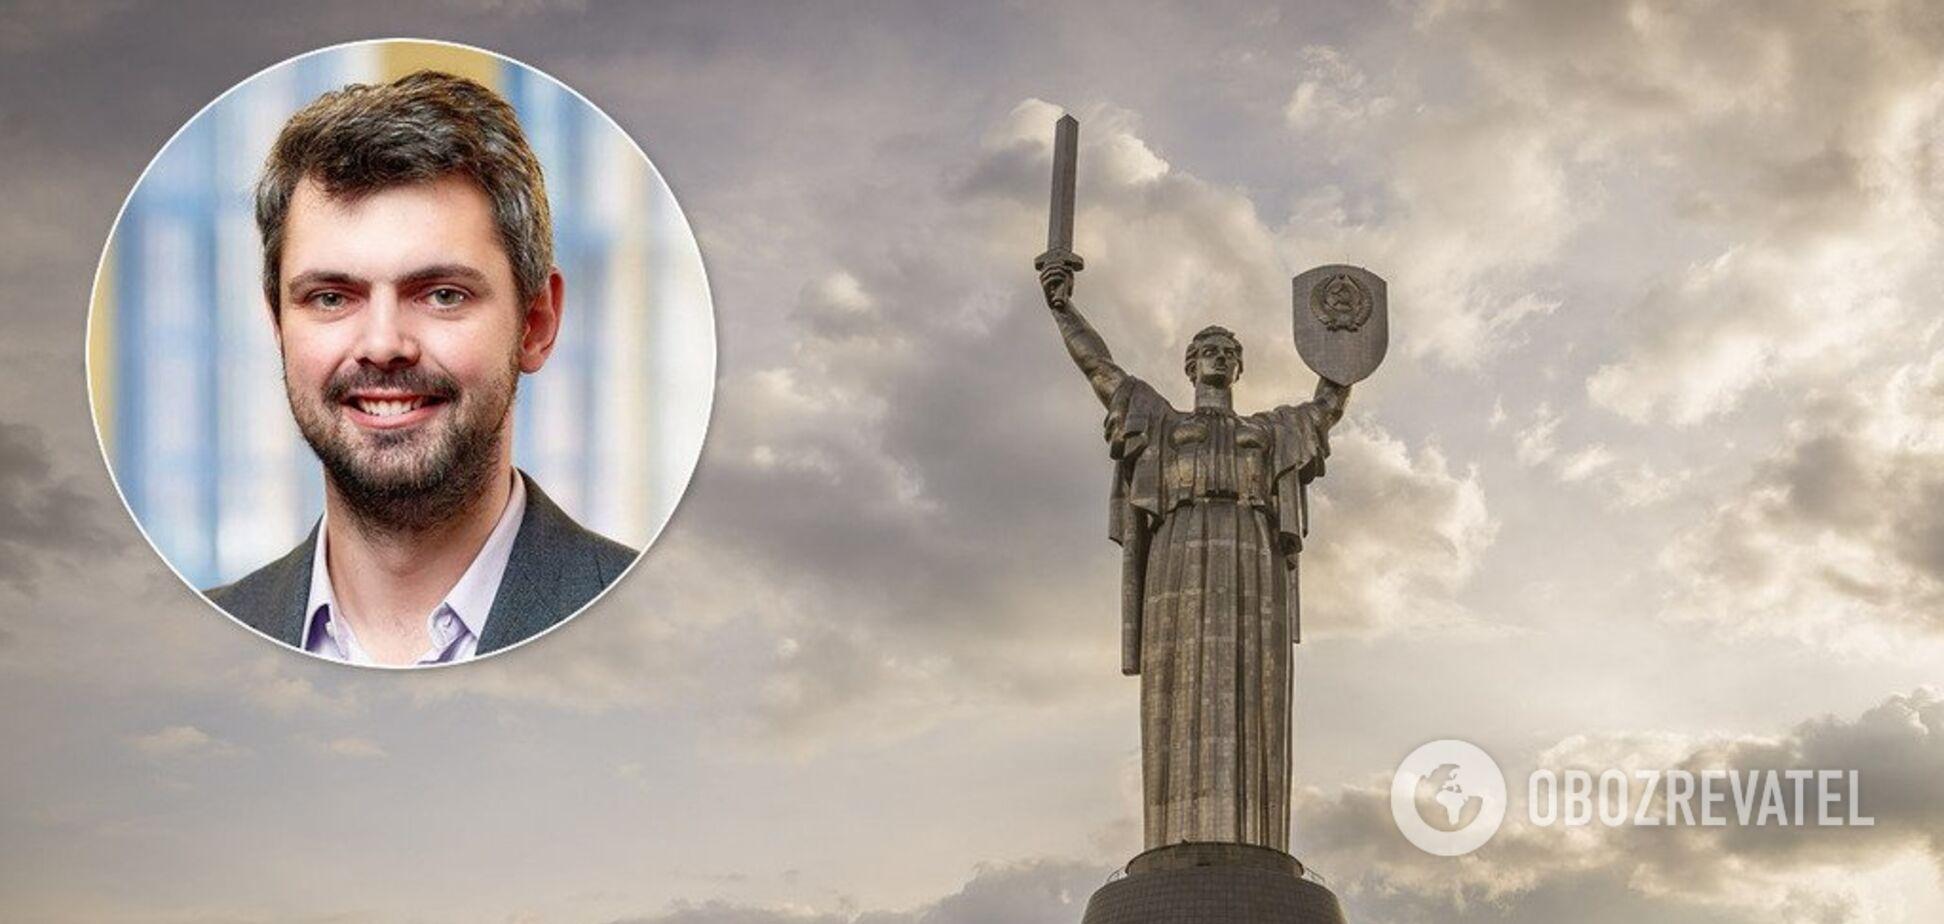 Дробович пояснив, чому з 'Батьківщини-Матері' не знялигерб СРСР